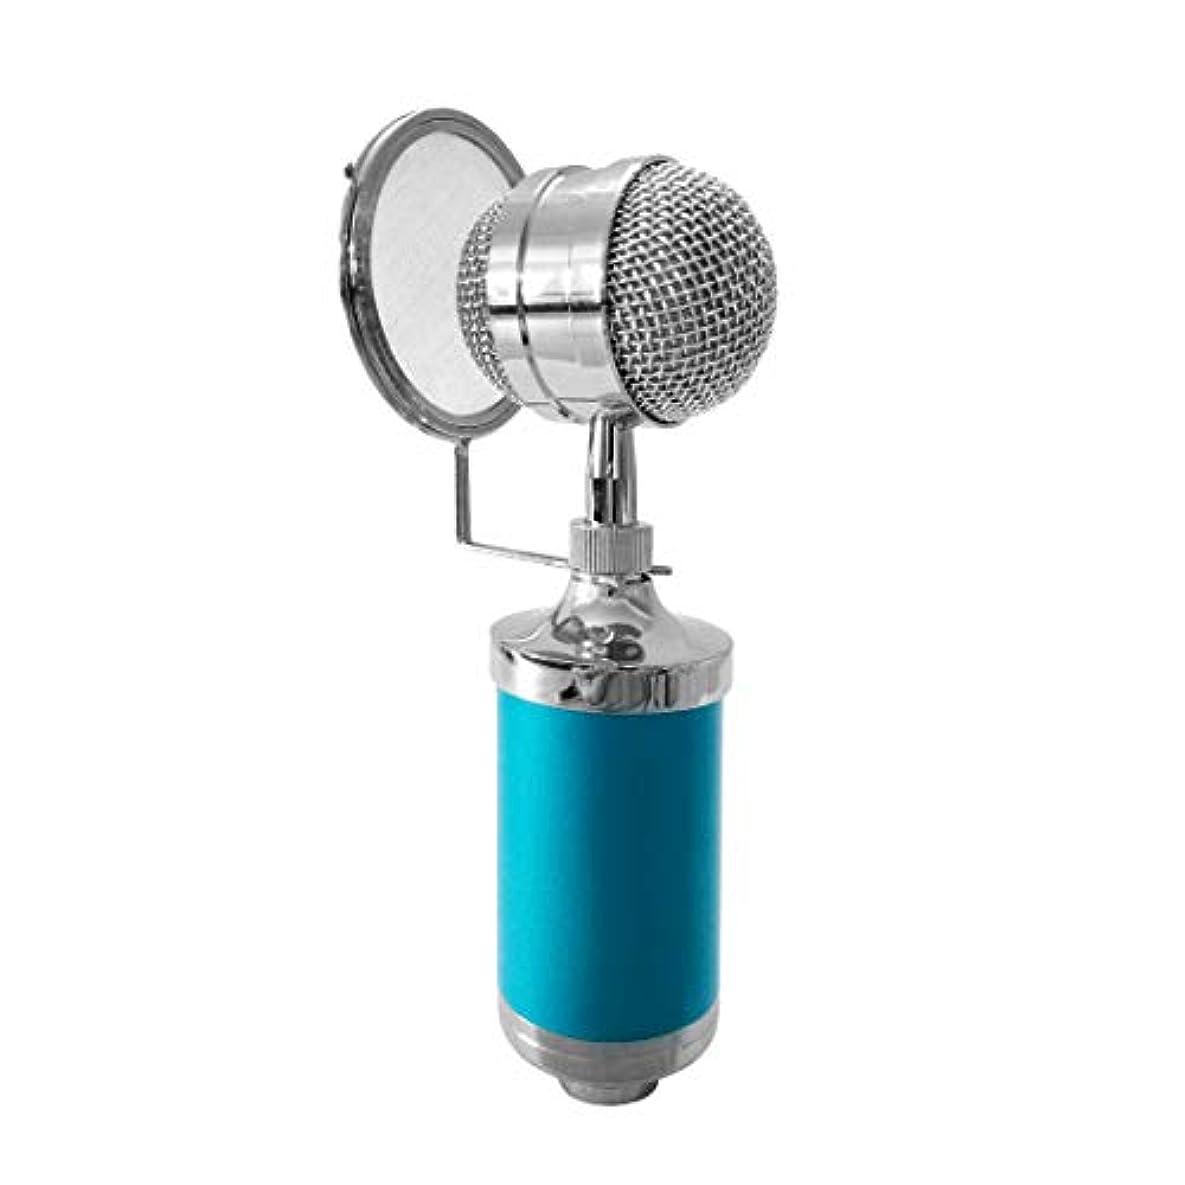 残酷豪華な聖歌マイクアクセサリー 3000ホームKTVマイクコンデンサーサウンドレコーディングマイク、ショックマウント&ポップフィルター(PC&ラップトップ用)、3.5mmイヤホンポート、ケーブル長:2.5m 有線マイク (色 : Blue)